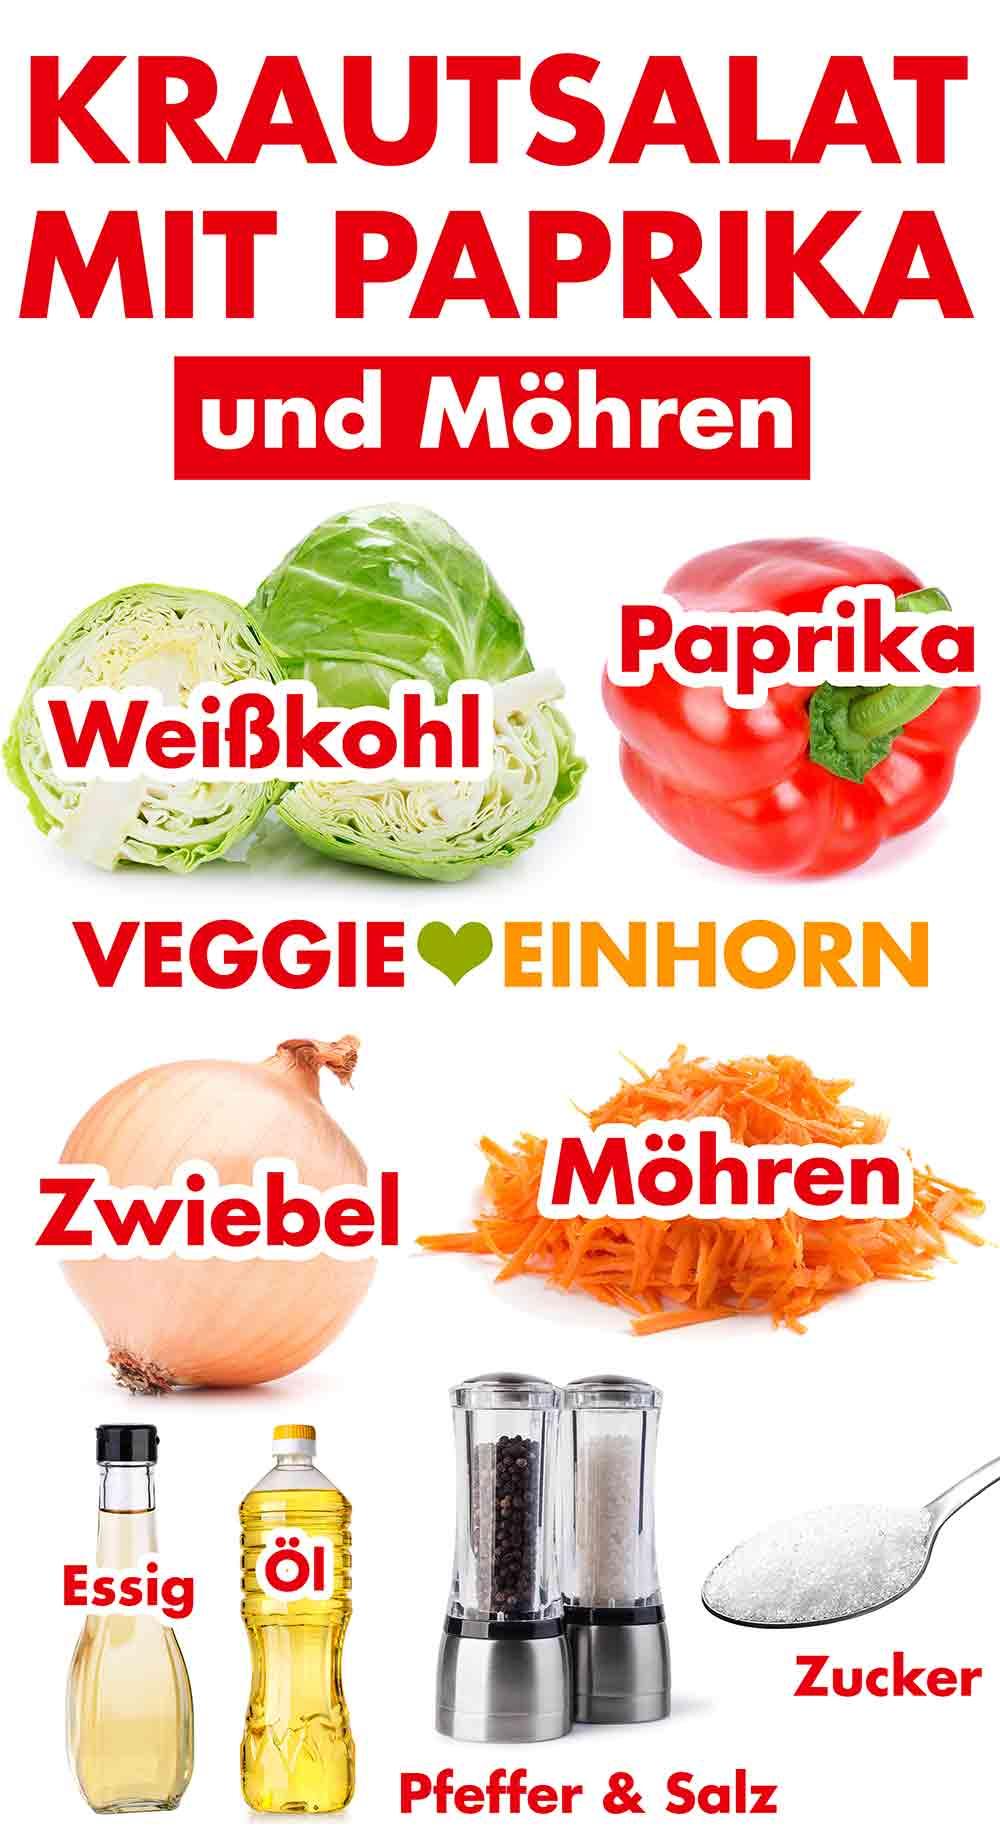 Zutaten für Weißkohlsalat mit Paprika und Karotten